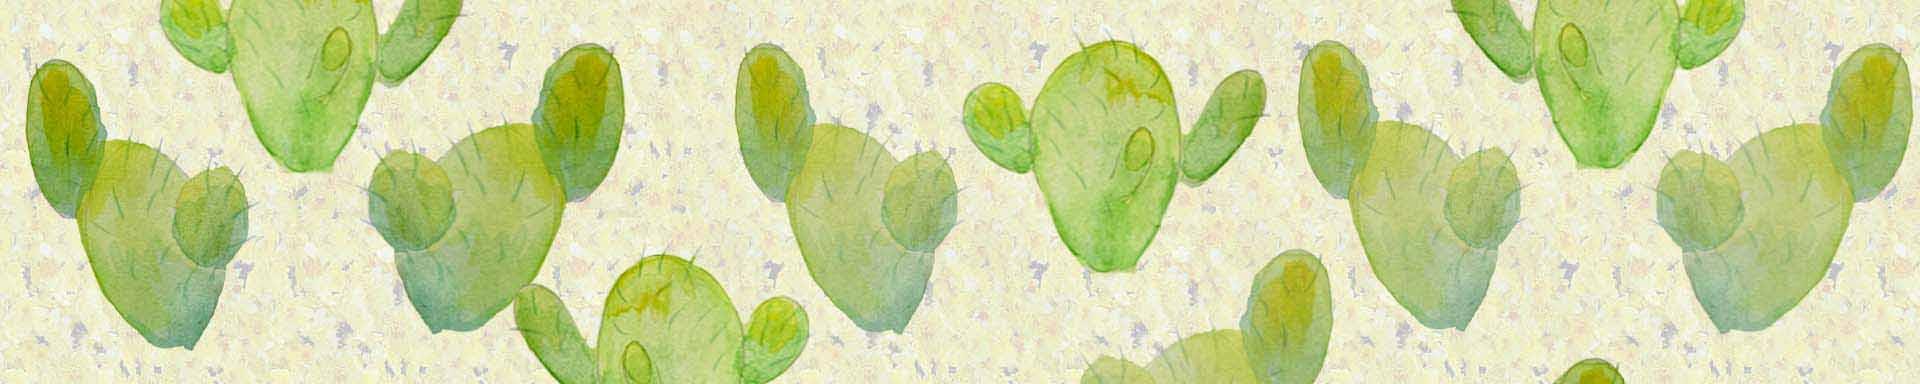 кактус акварелью картинки